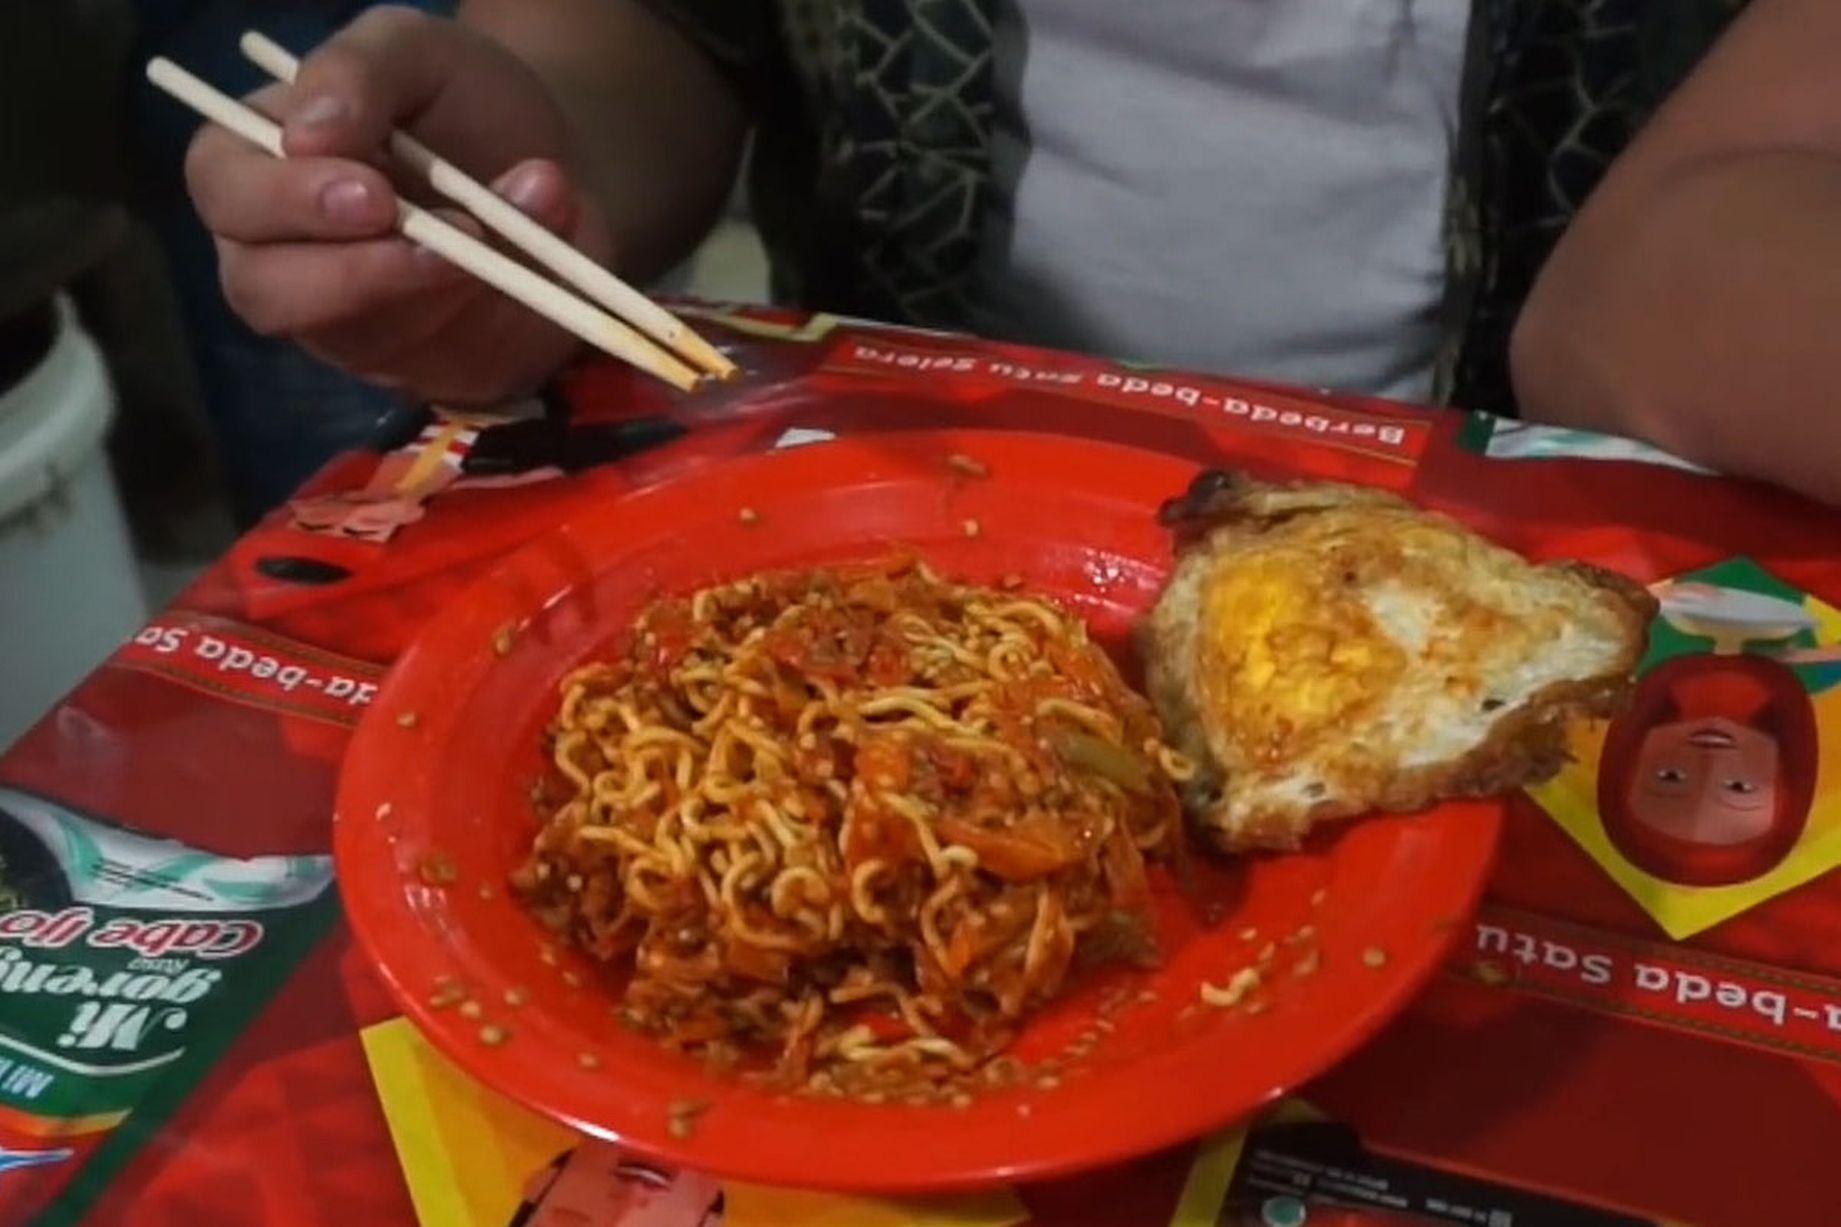 Món ăn bình dân được mệnh danh là mì tử thần. Ảnh: Kokiku TV/YouTube